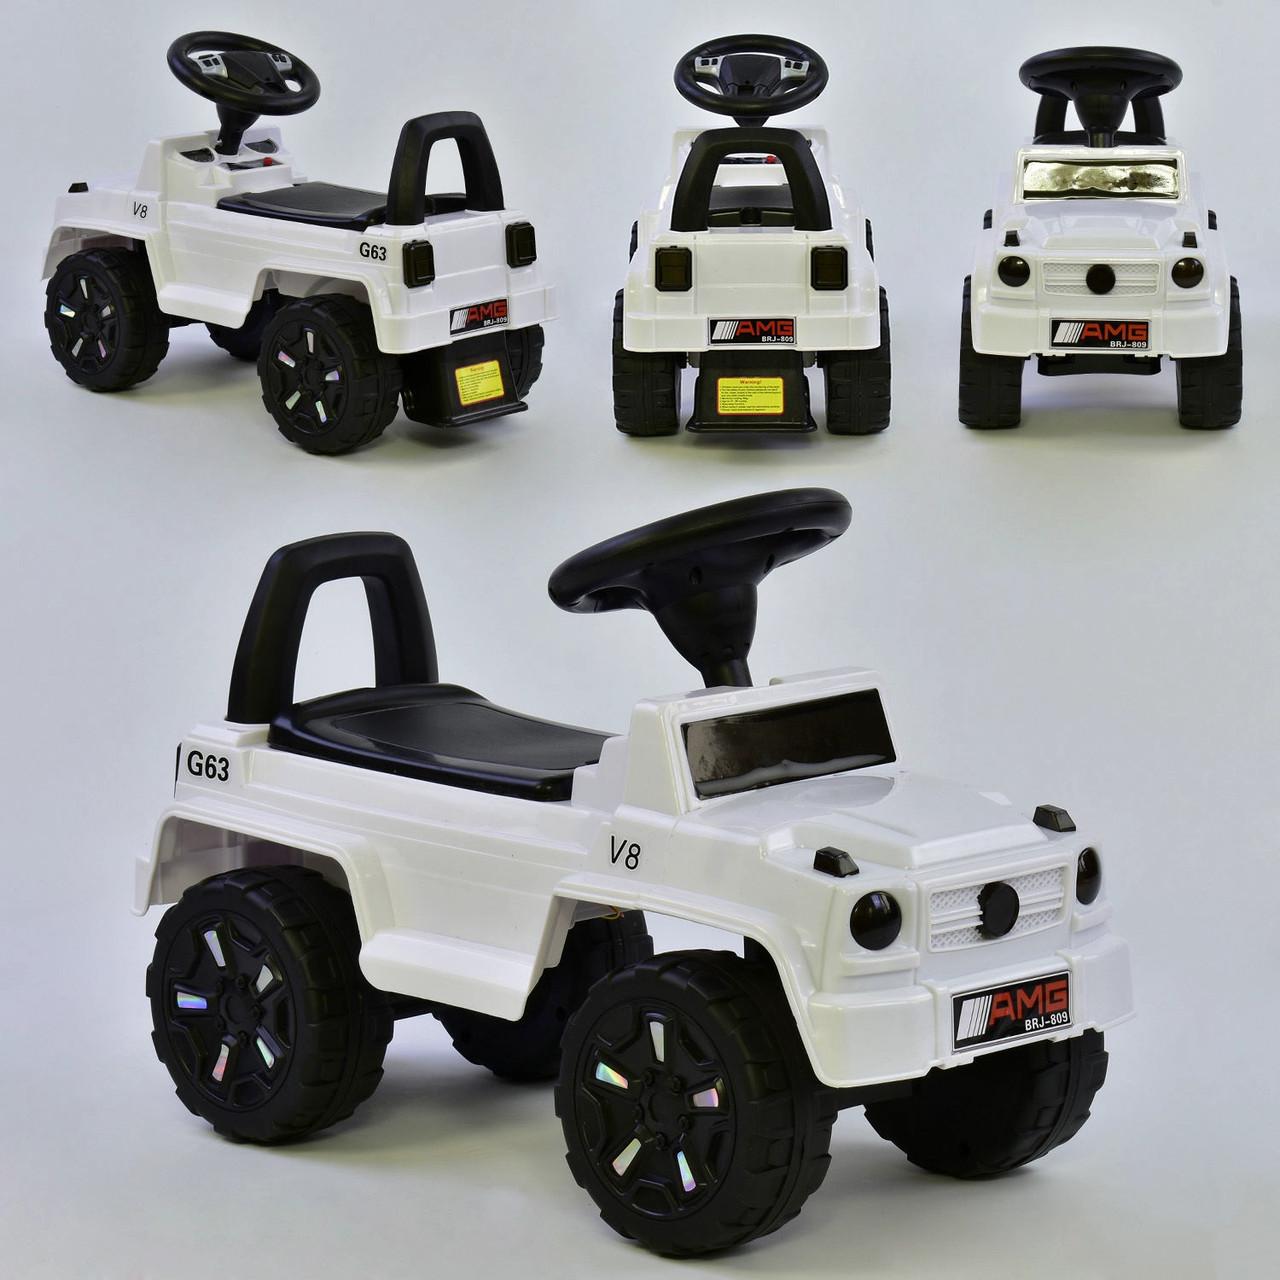 Детская машинка-толокар JOY V-10606 Белый (музыка, свет, русское звучание, багажник)